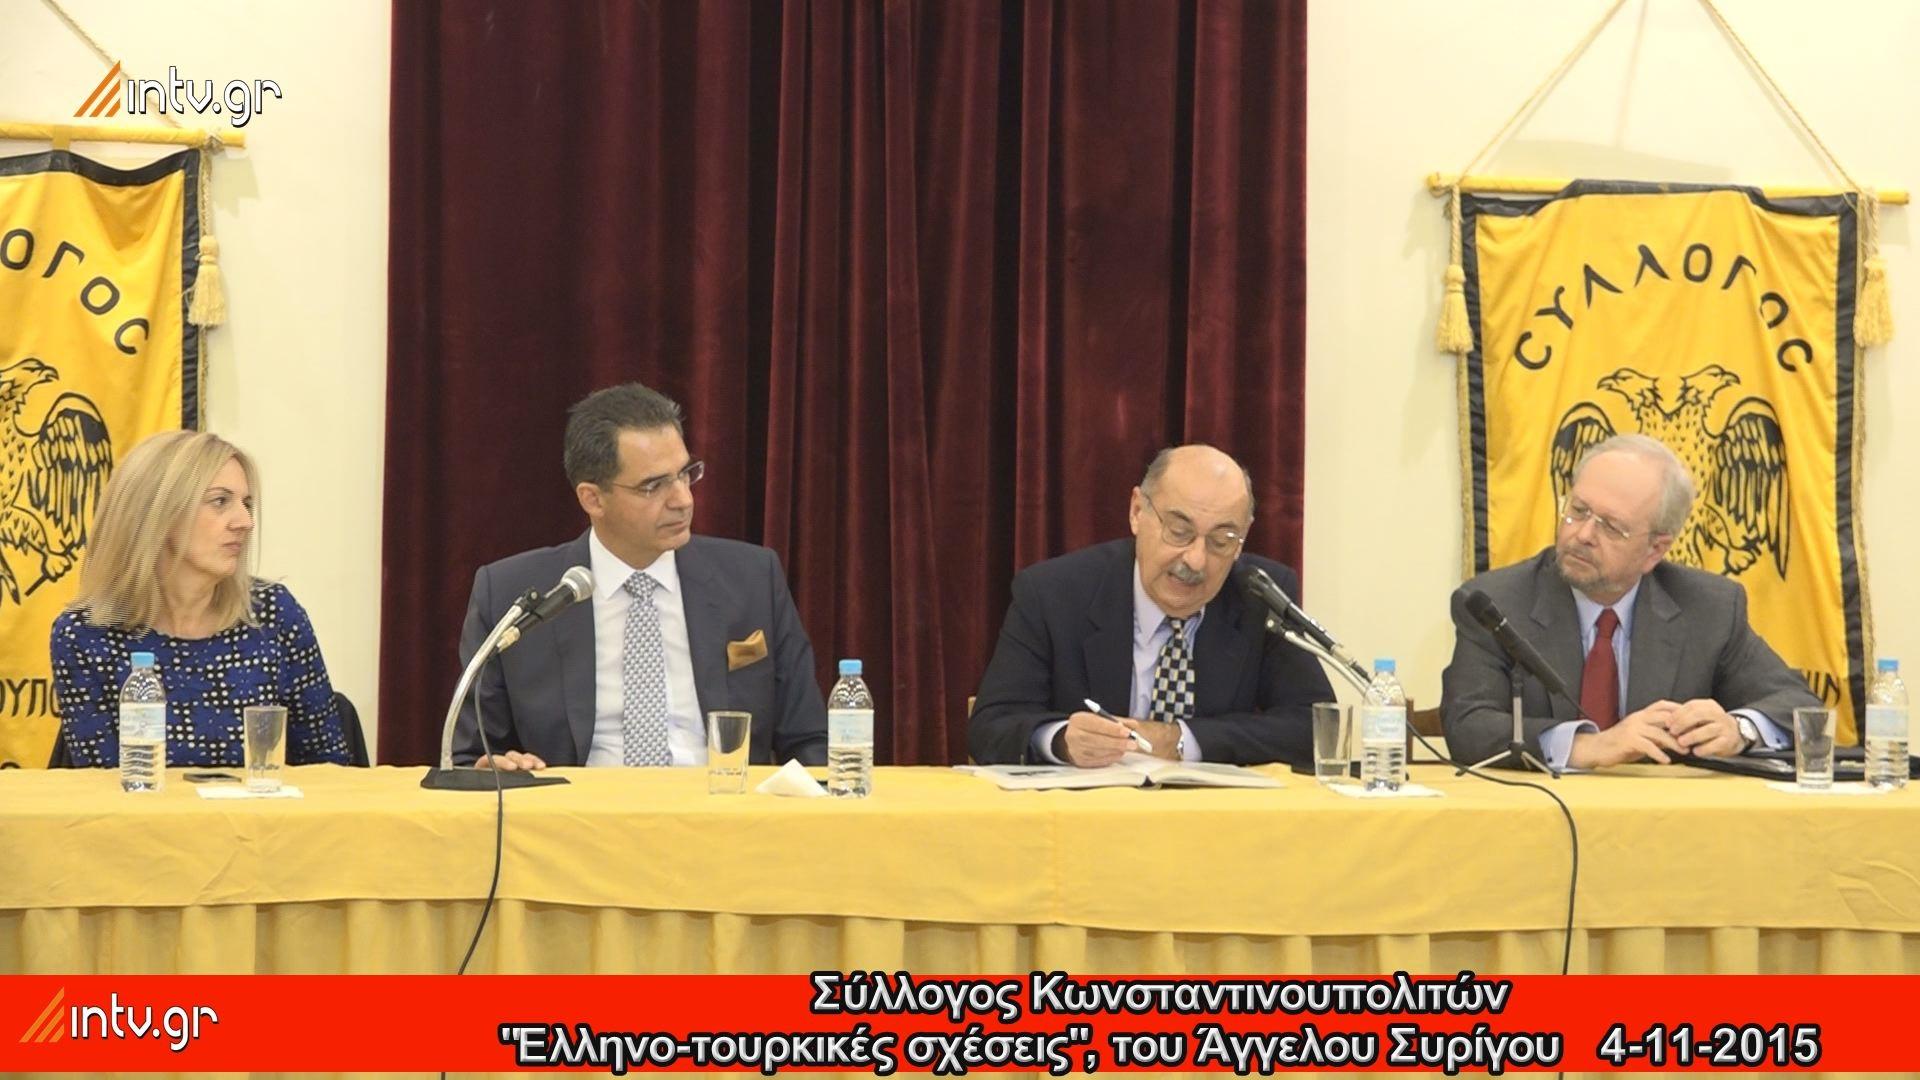 """Σύλλογος Κωνσταντινουπολιτών - """"Ελληνο-τουρκικές σχέσεις"""", του Άγγελου Συρίγου."""